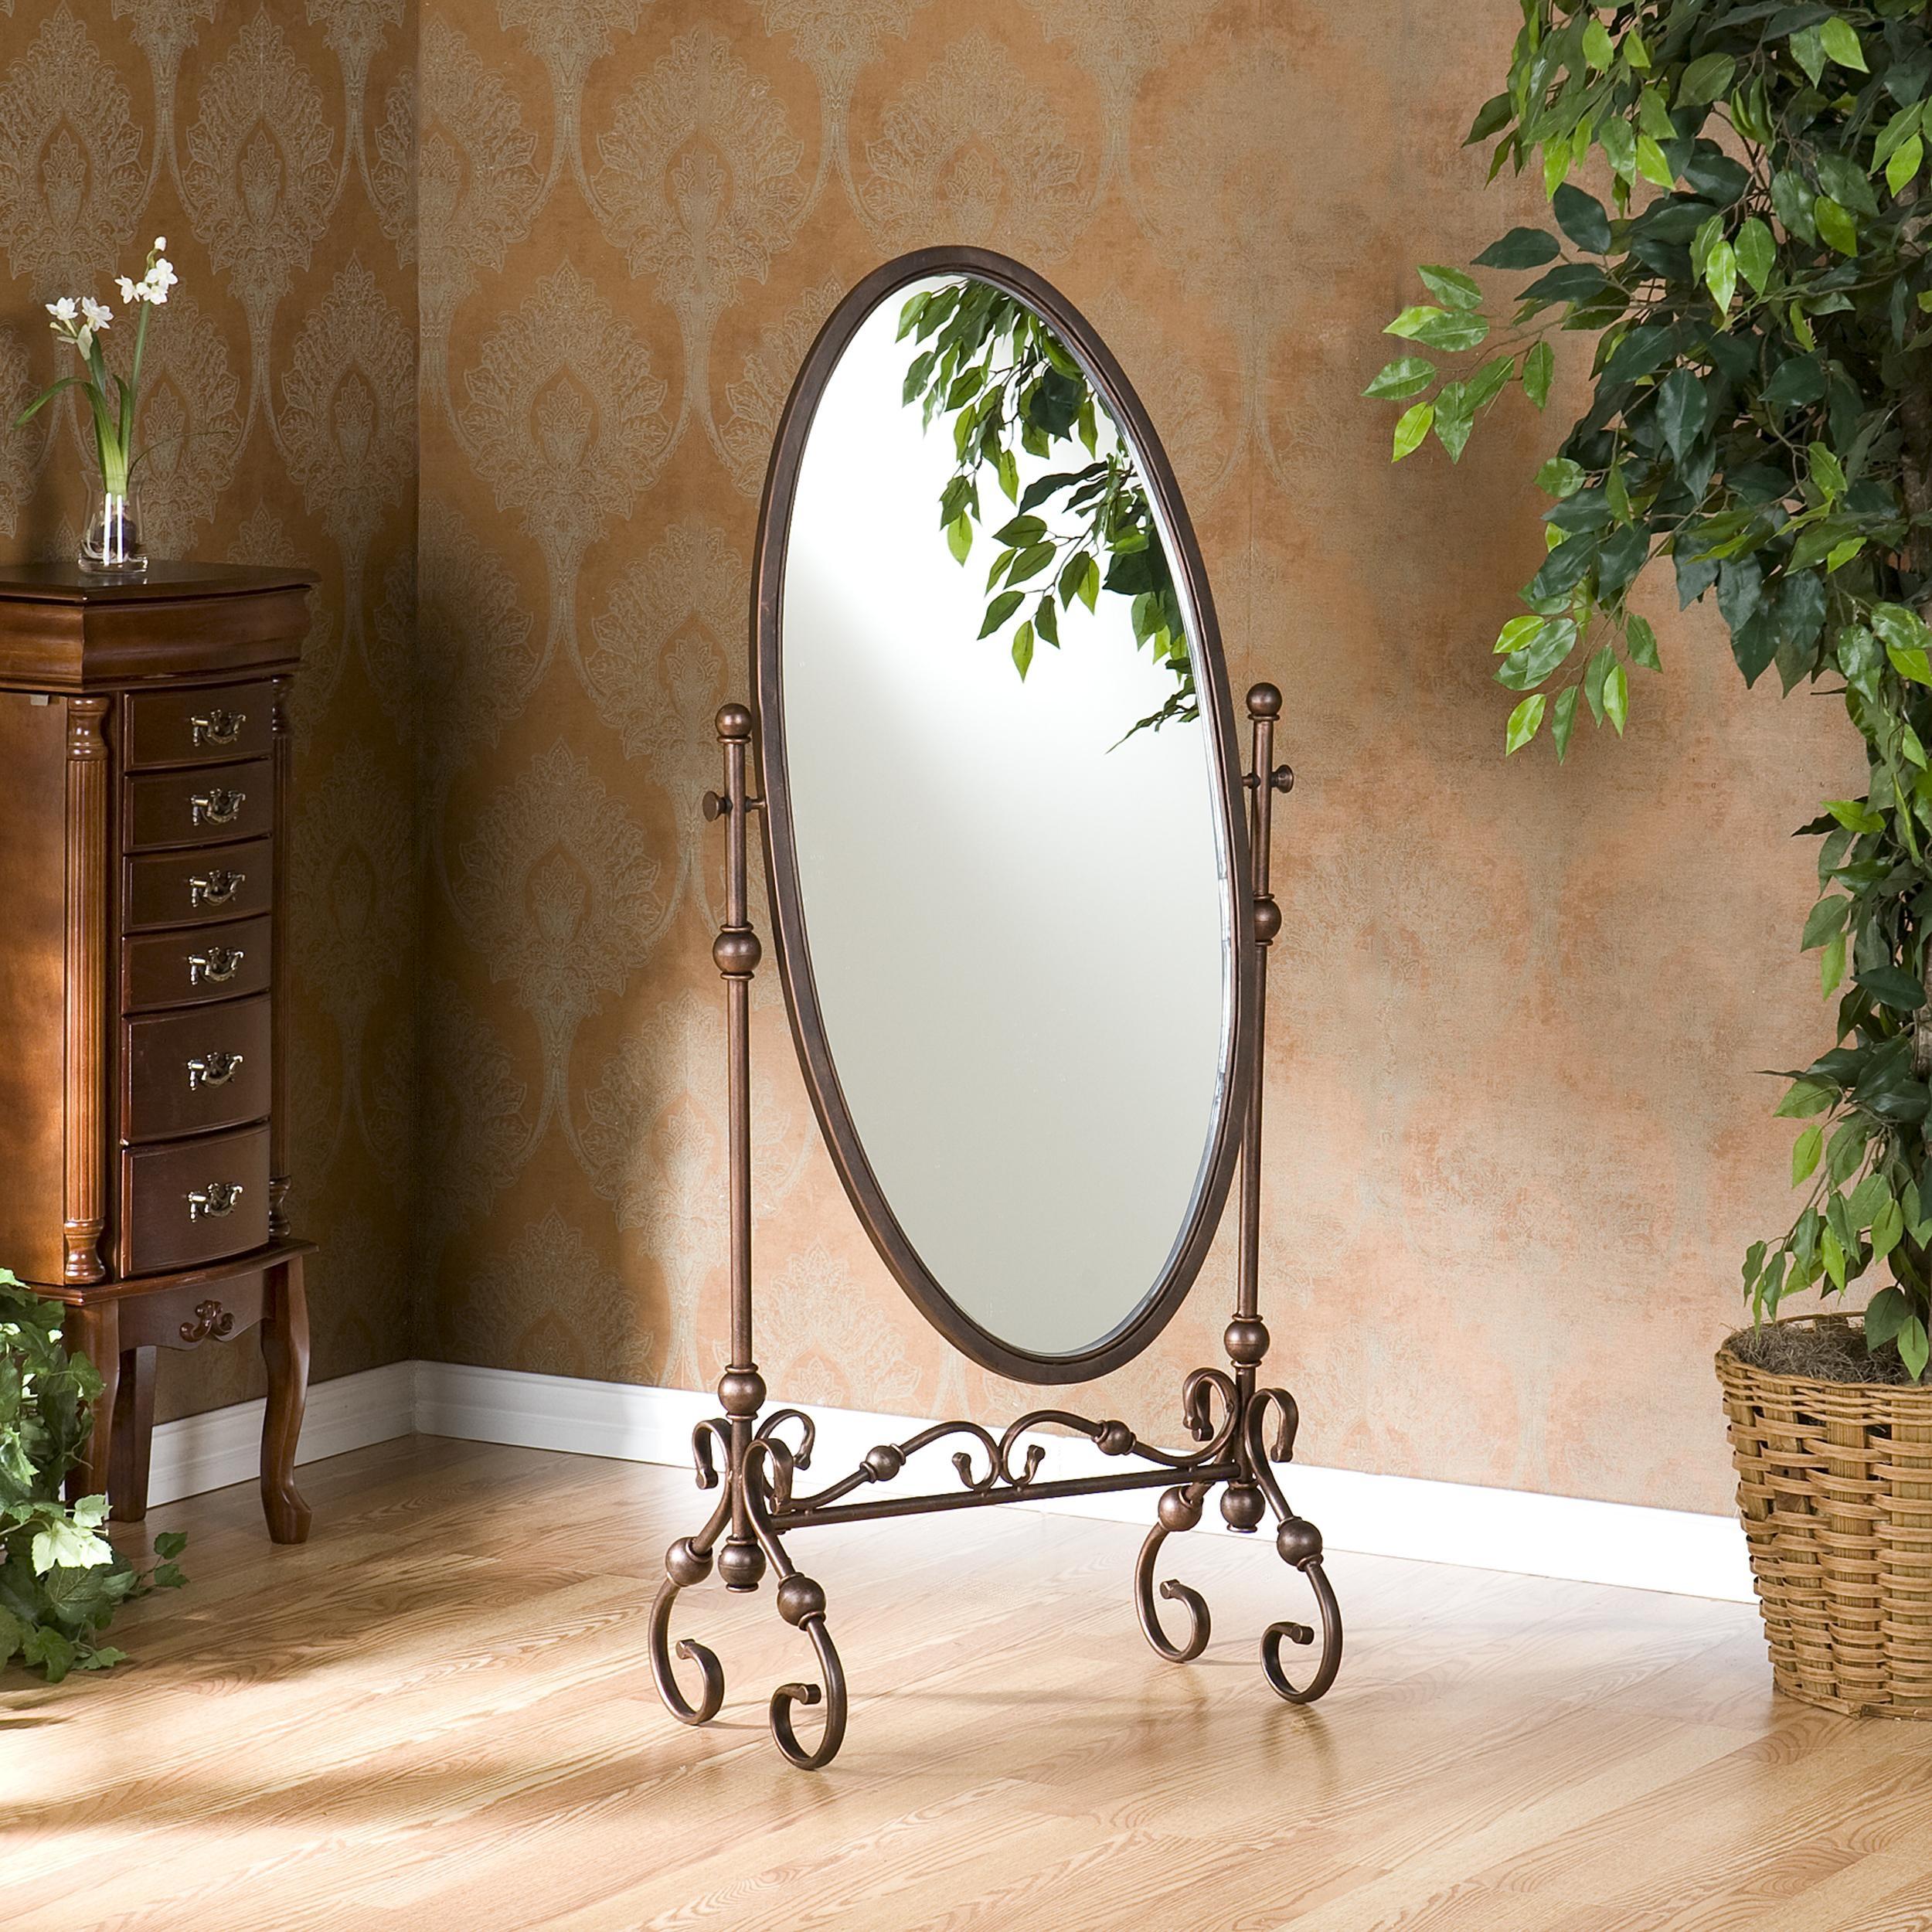 Amazon Lourdes Cheval Mirror Home Kitchen Regarding Wrought Iron Full Length Mirror (Image 4 of 15)